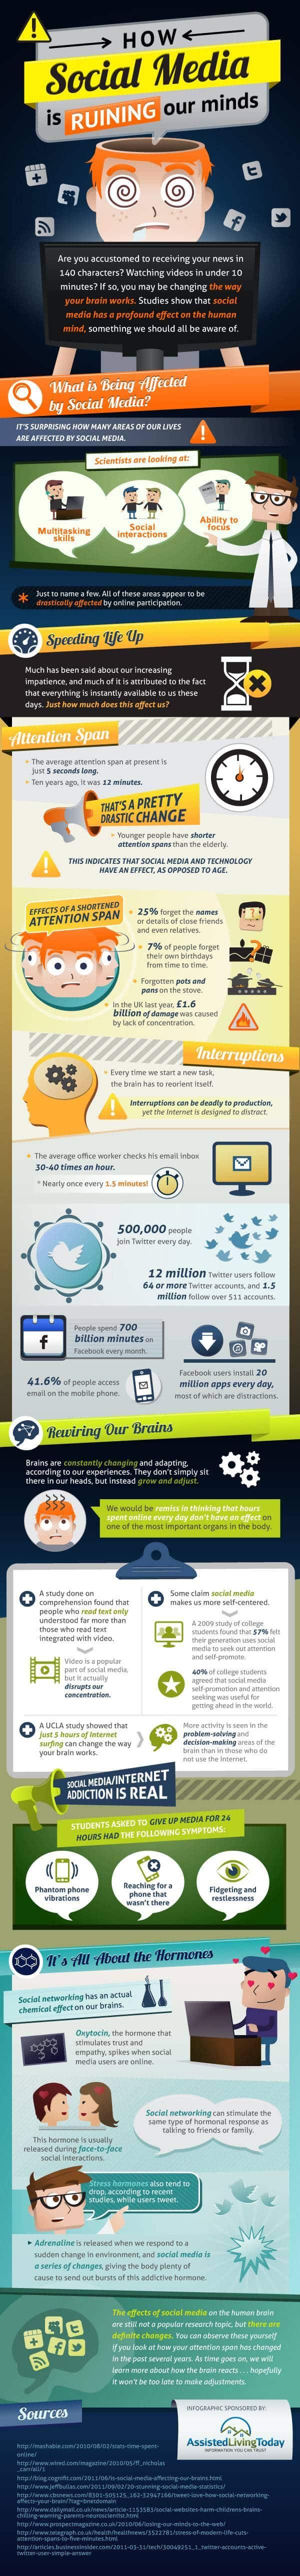 Acredite: as mídias sociais estão mudando seu cérebro para